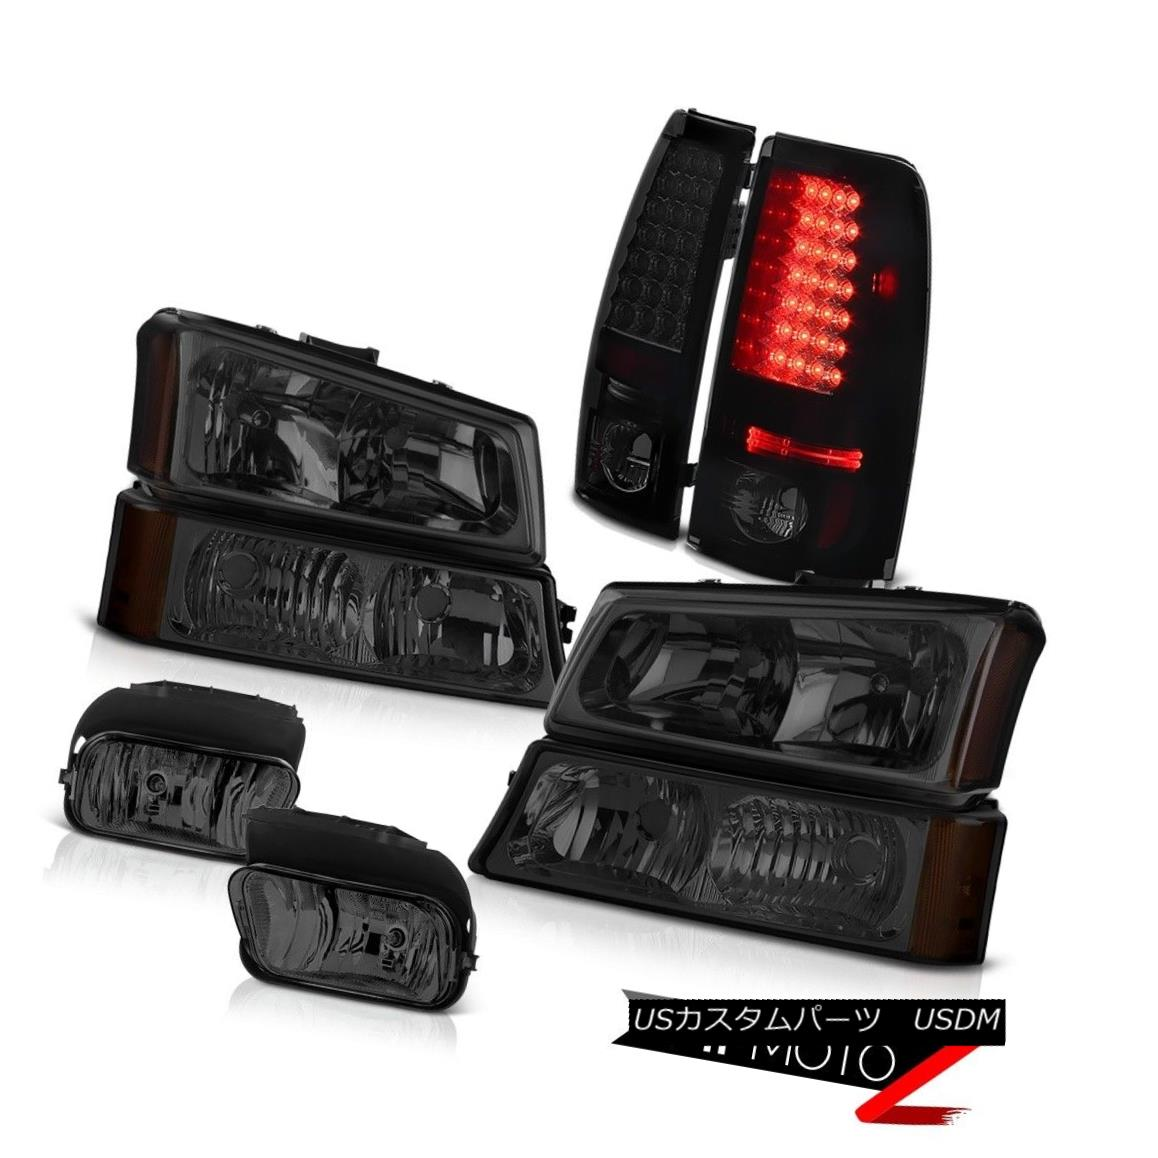 ヘッドライト 2003-2006 Silverado PAIR Smoke Headlights Parking Lights Lamp Tail Light Foglamp 2003-2006シルバラードPAIR煙のヘッドライトパーキングライトランプテールライトフォグランプ